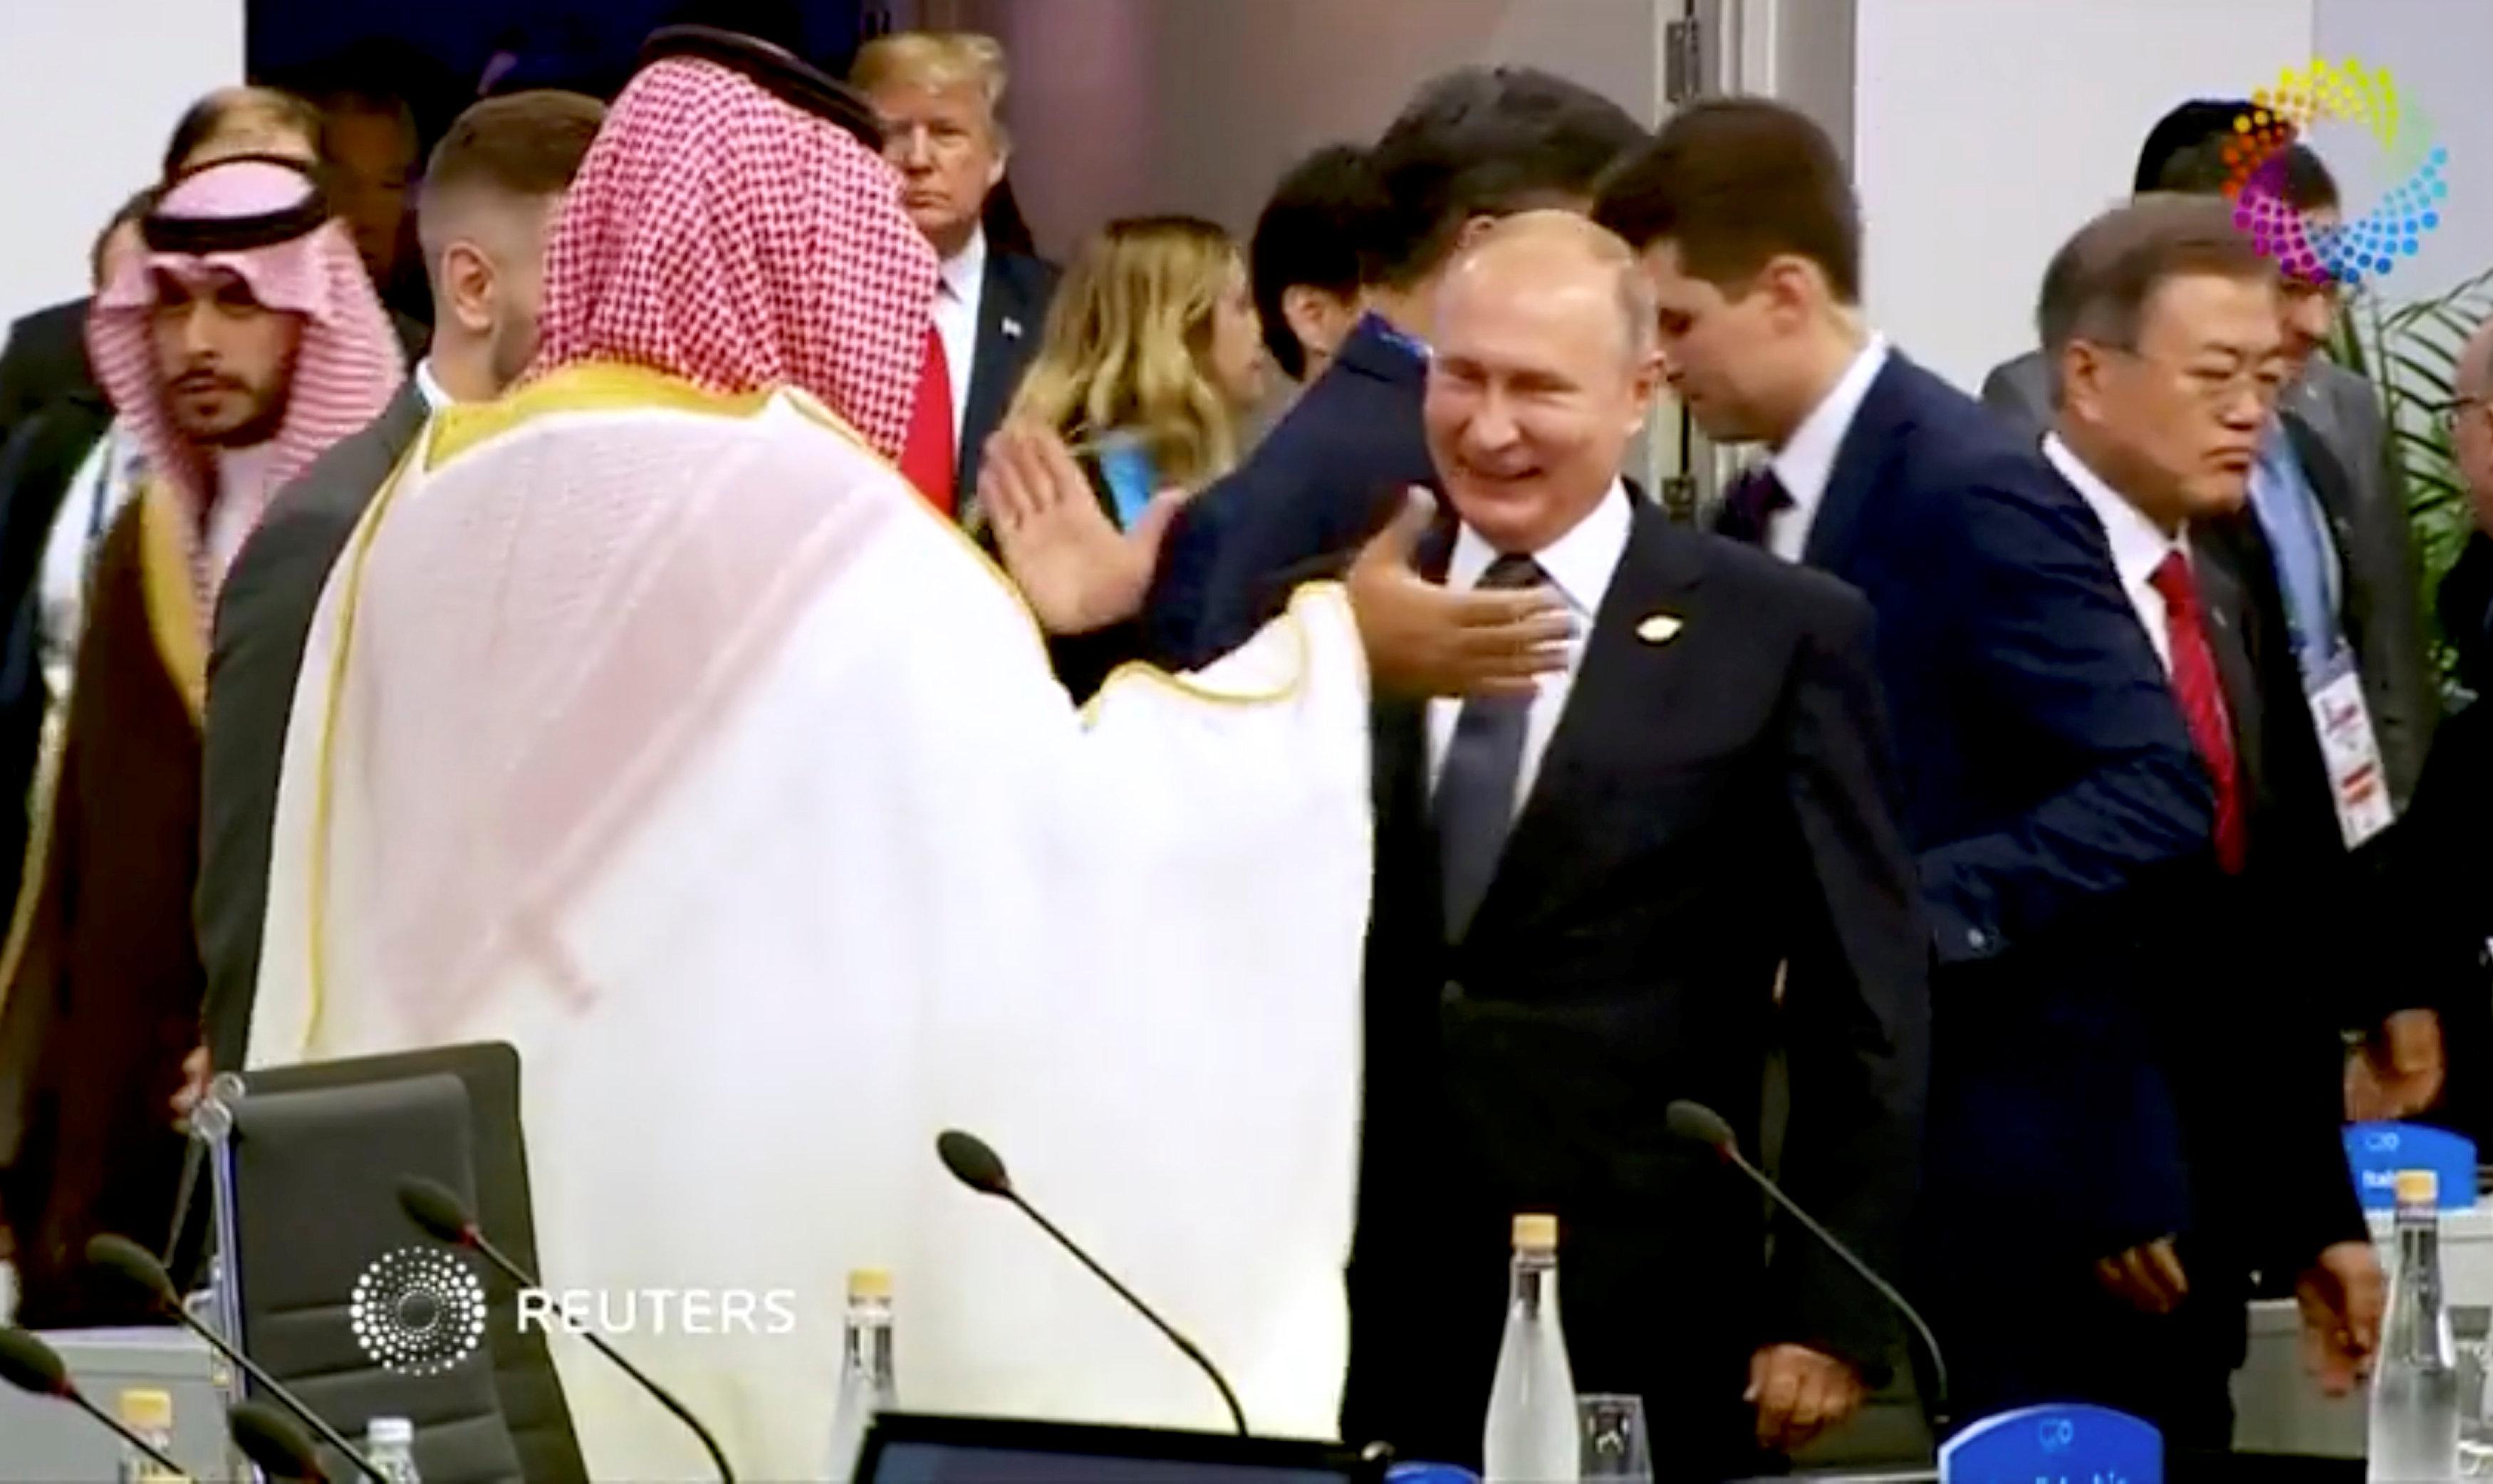 En fotos: Entre errores de protocolo y desencuentros transcurrió la cumbre del G20 en Argentina